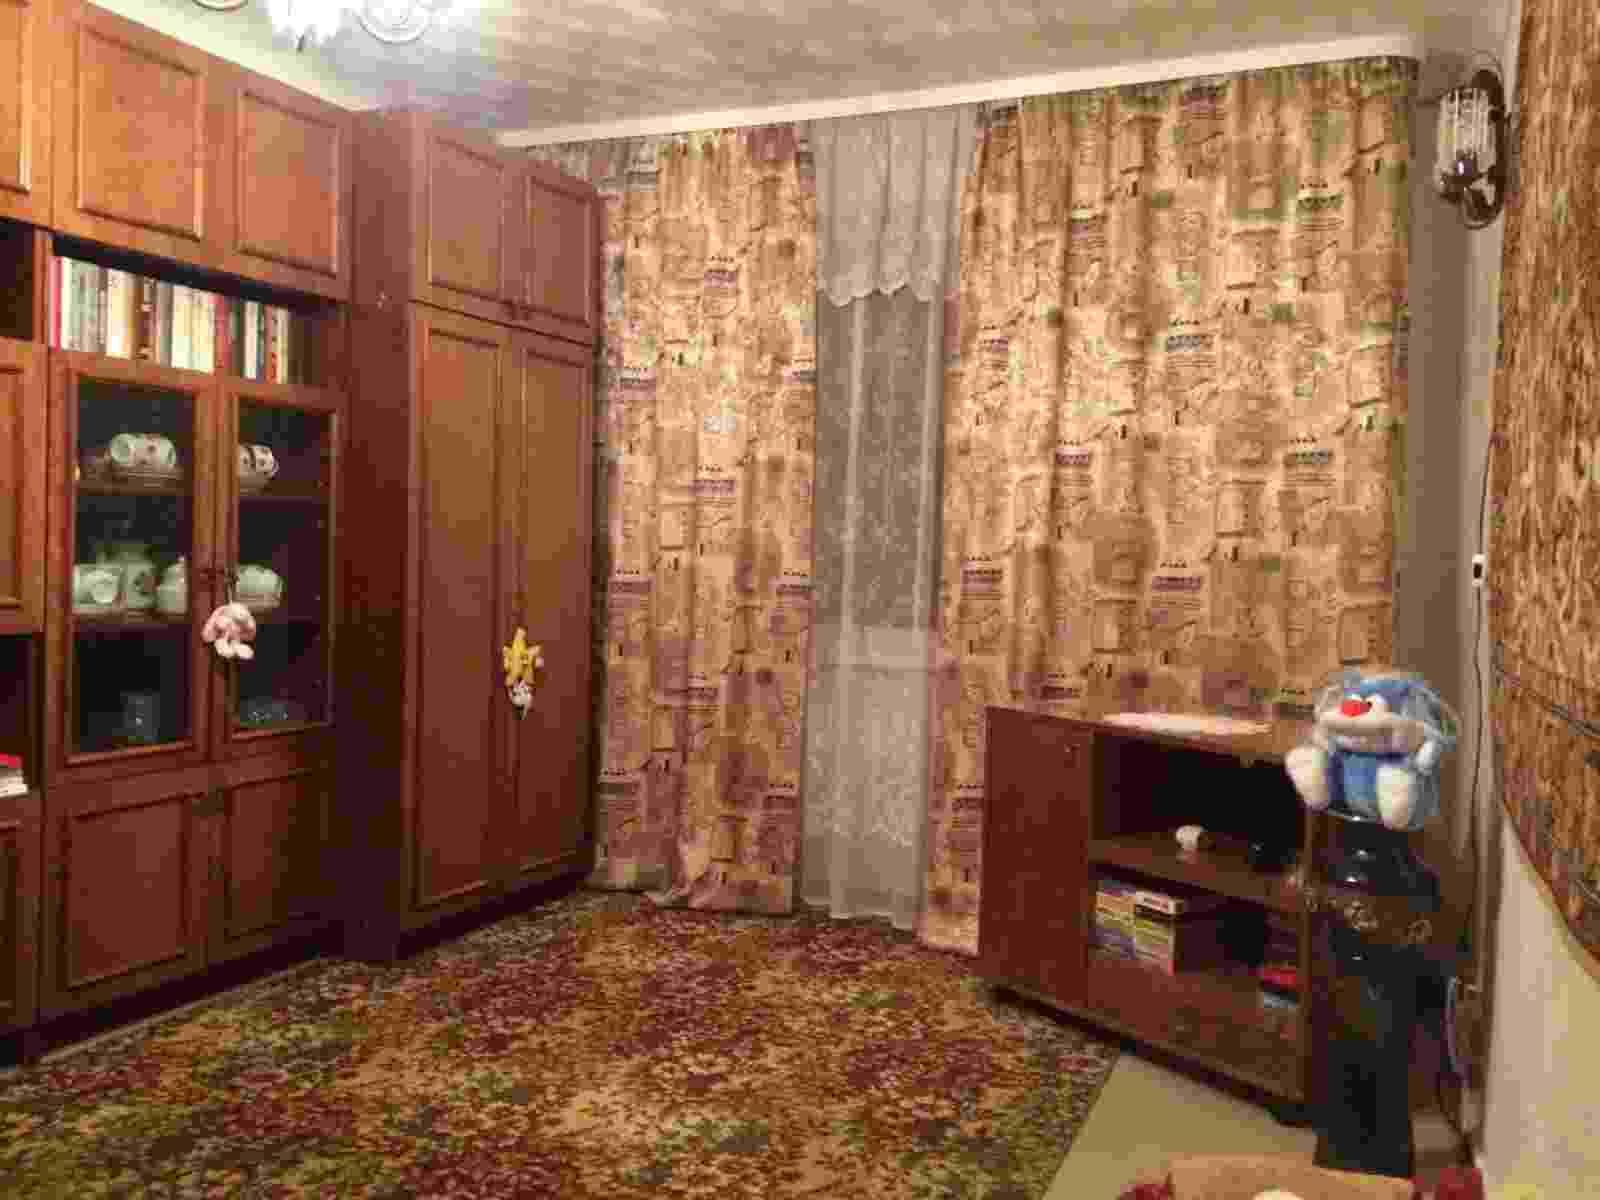 Продаётся 2-х комнатная уютная квартира в хорошем состоянии без/с мебелью (на выбор)